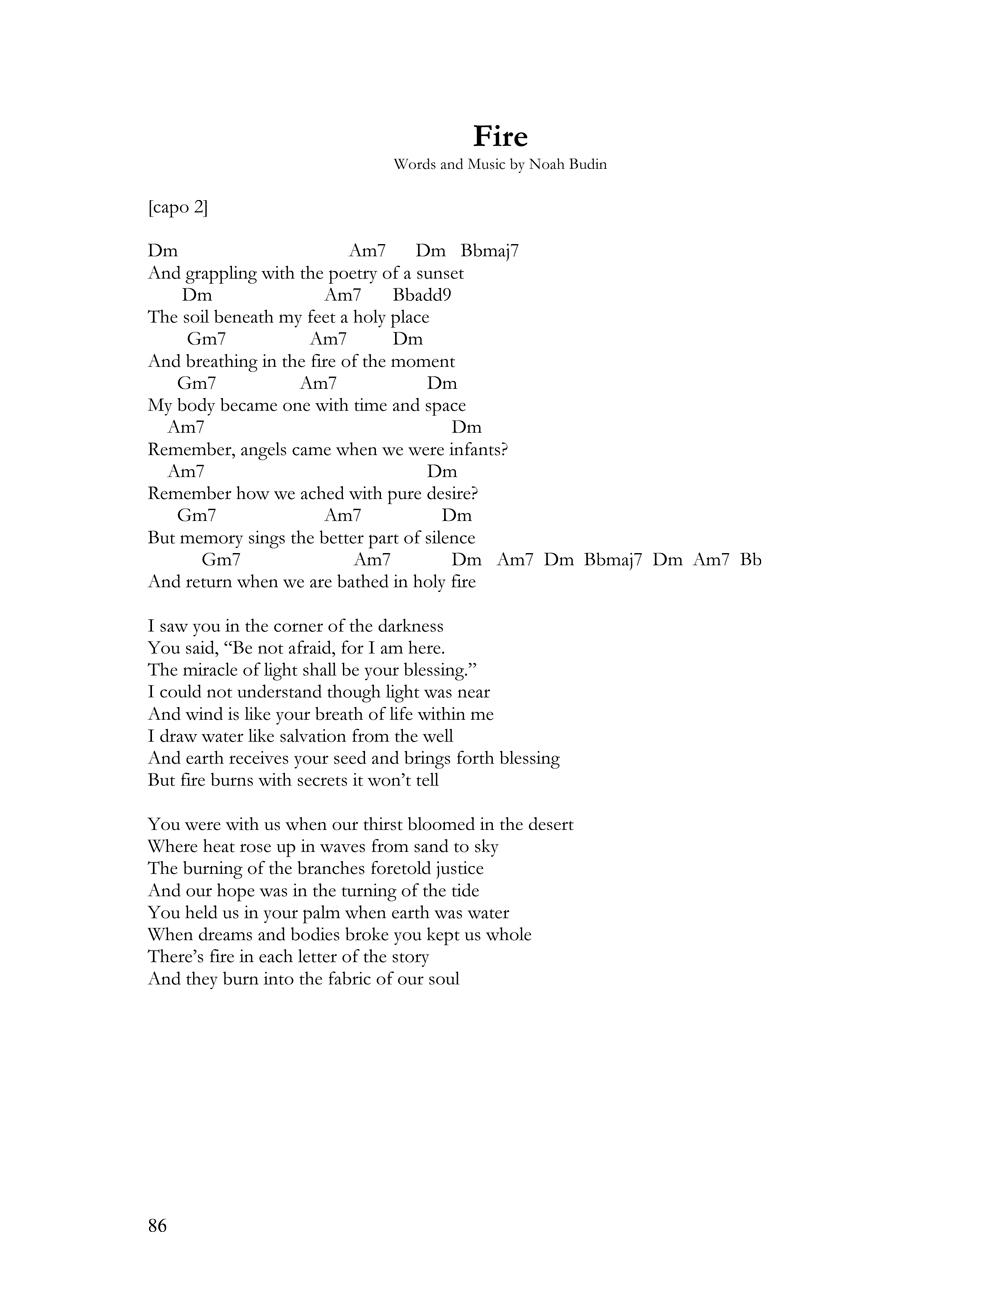 NB-songbook-chordster.jpg